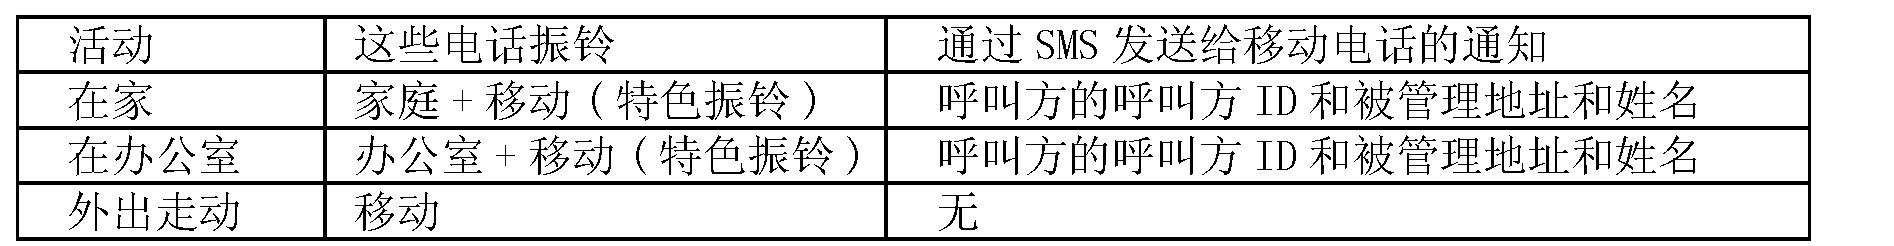 Figure CN101124809BD00321